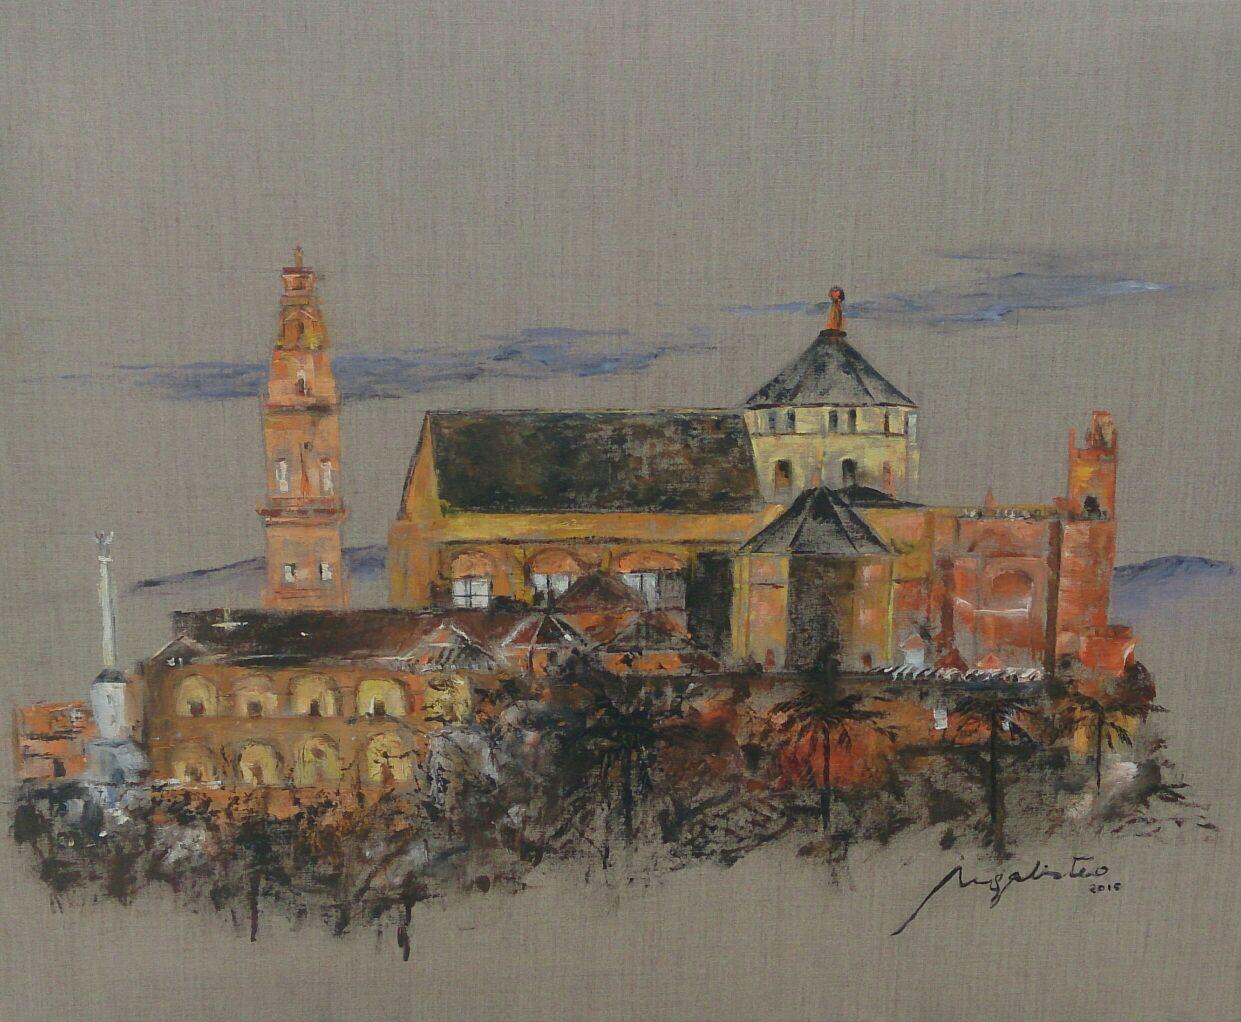 Mezquita de c rdoba de noche cuadro original leo sobre - Mezquita de cordoba de noche ...